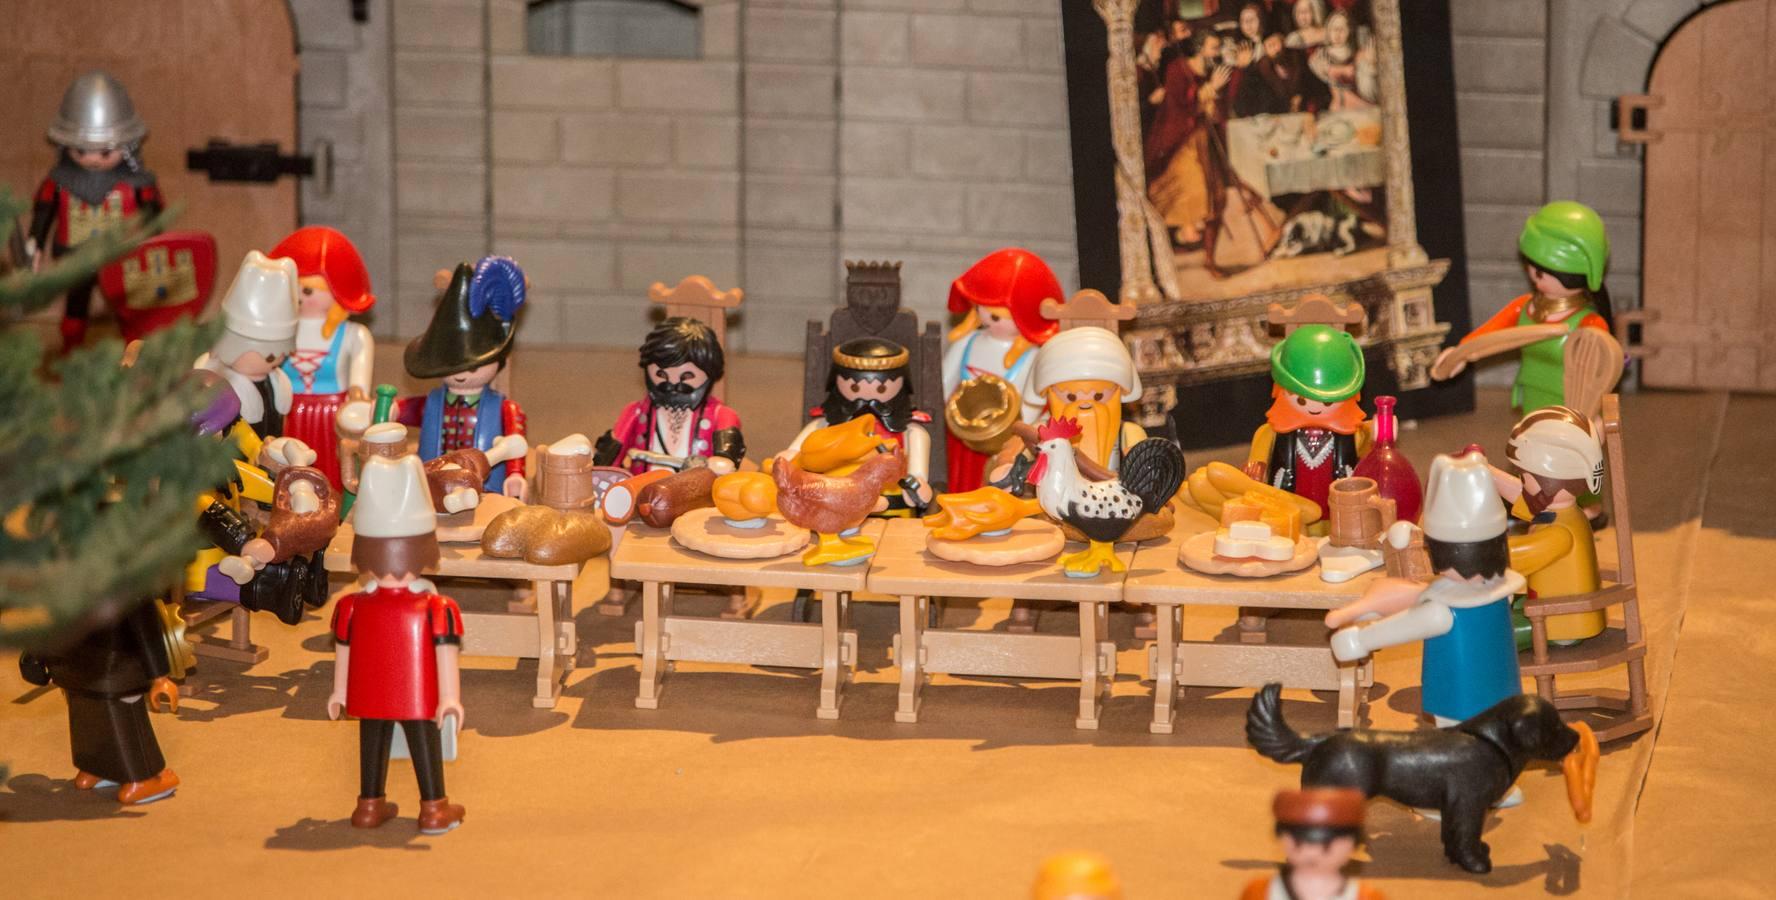 La vida y milagros de Santo Domingo, según Playmobil